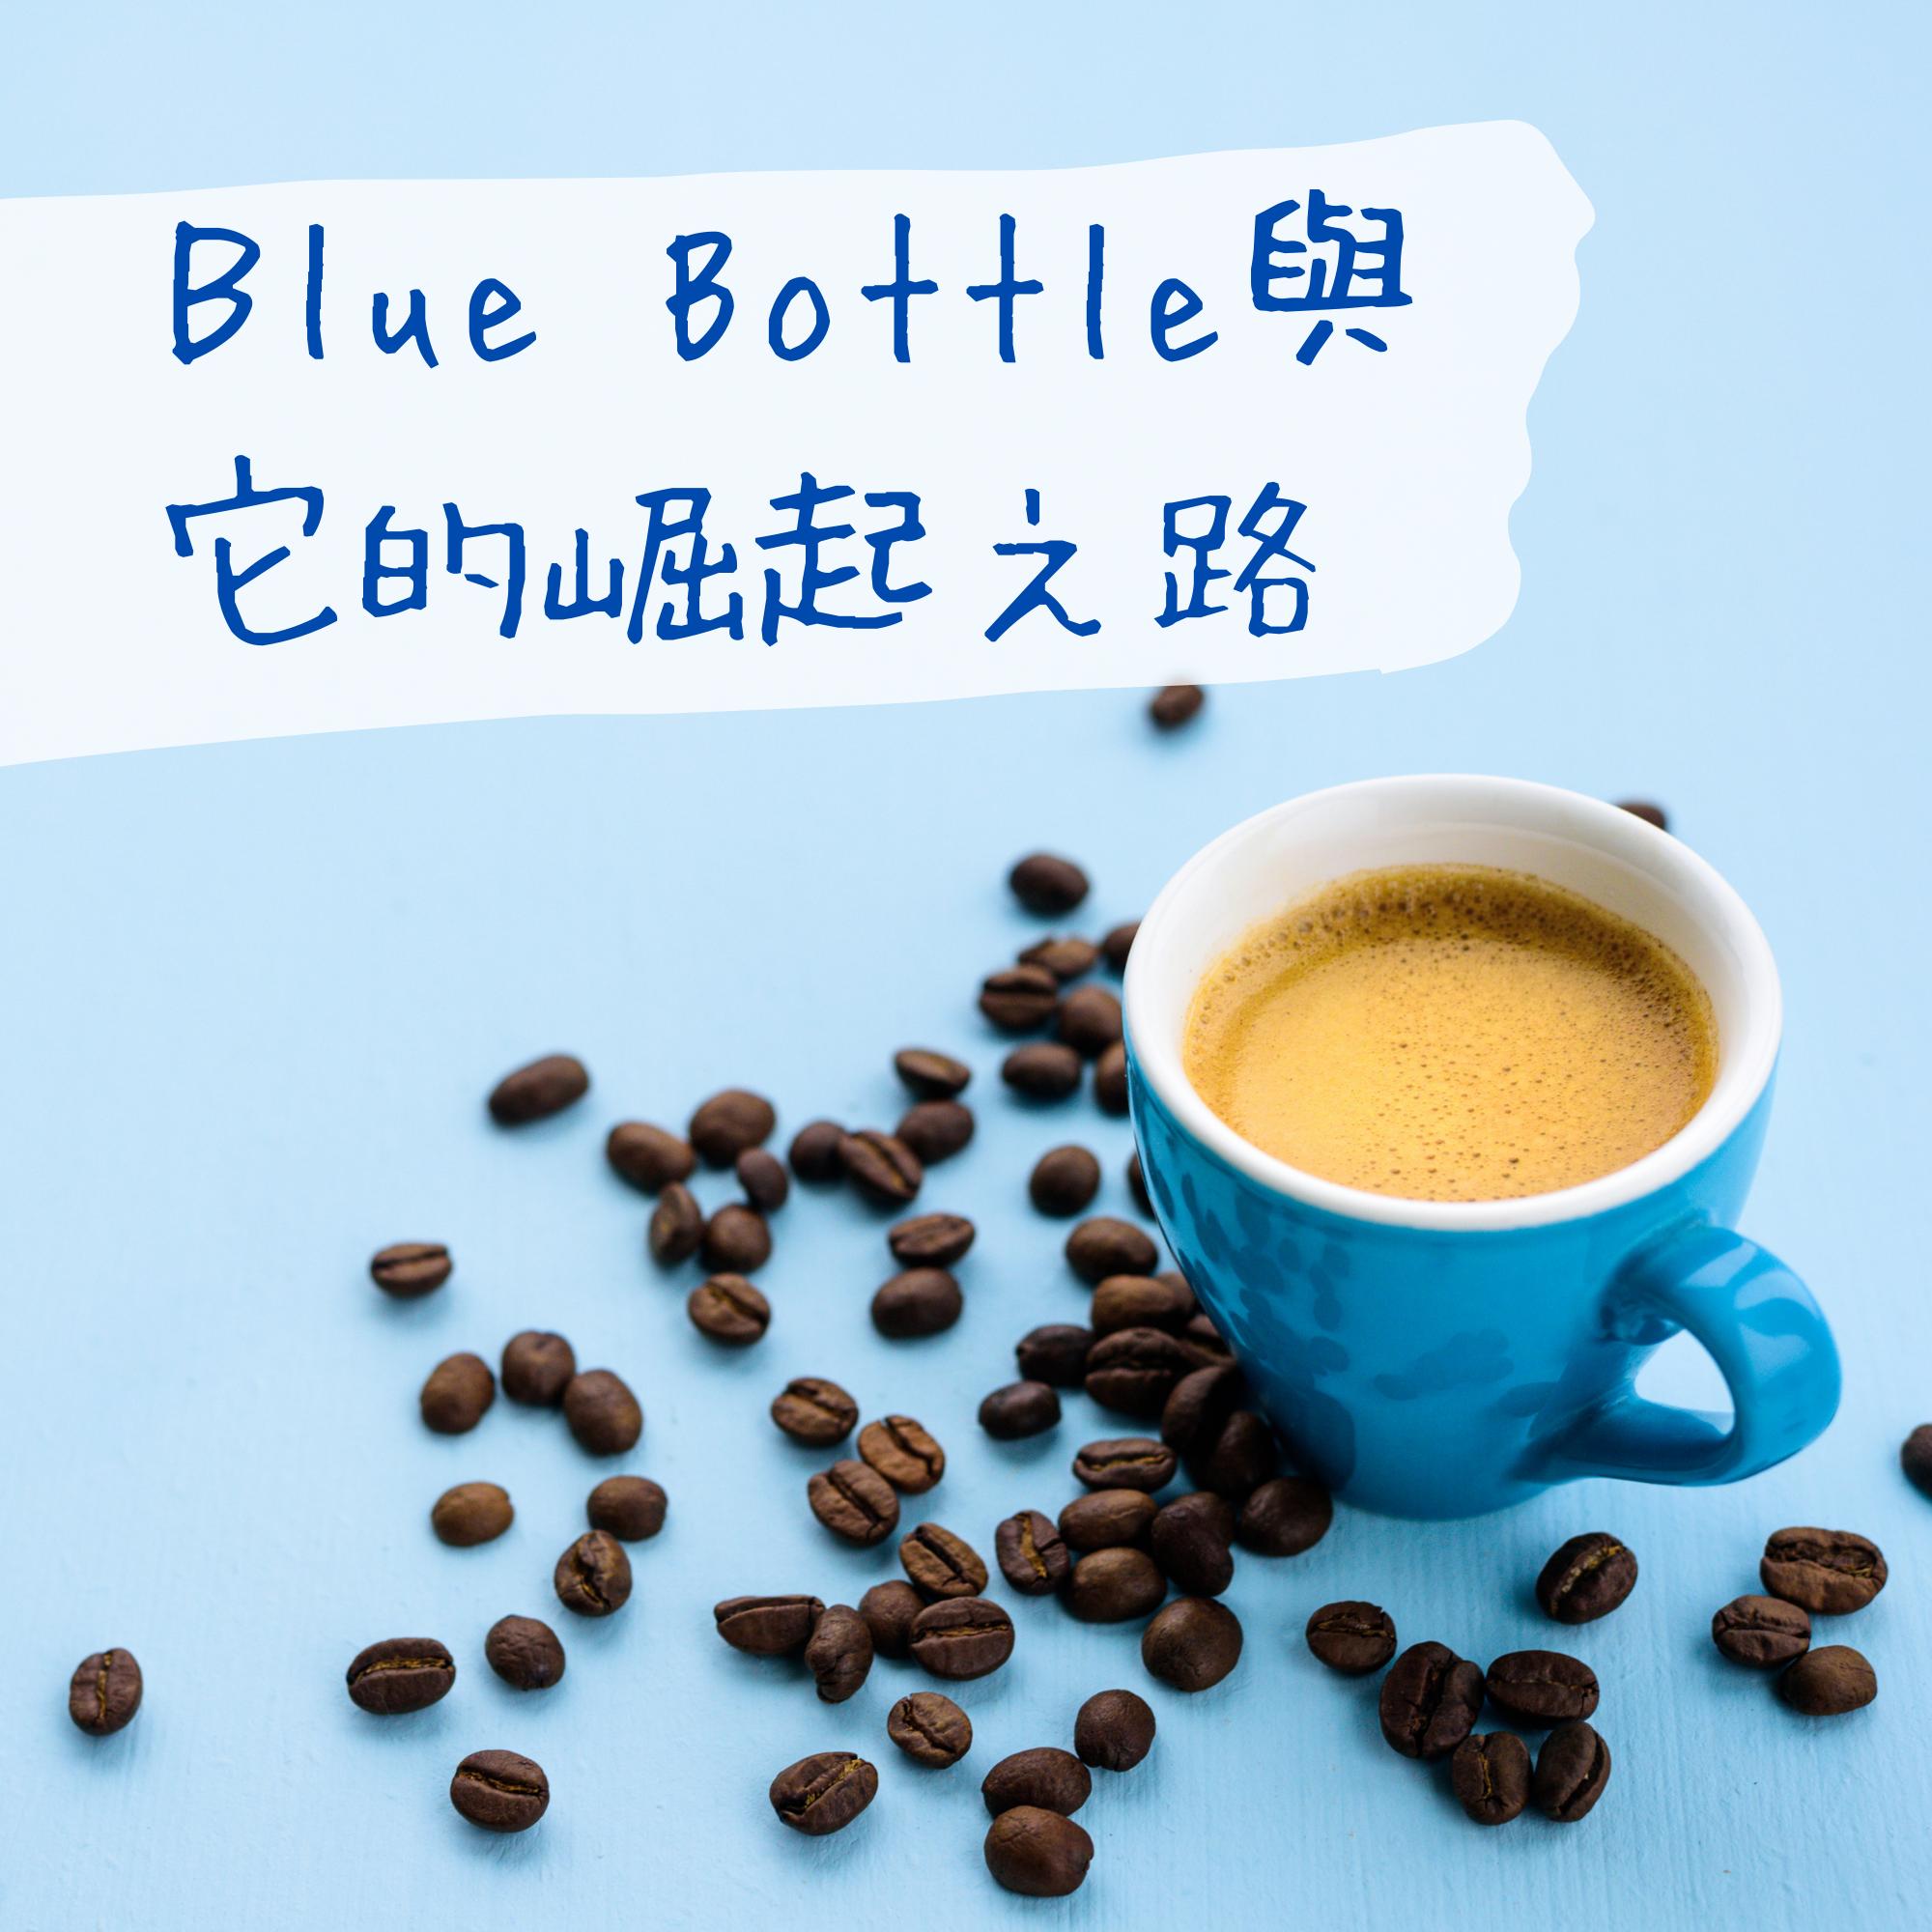 EP8 小小咖啡豆的大大生意!藍瓶咖啡,Goole、Morgan Stanley都投資它,從舊金山崛起的潮流咖啡廳,到底憑什麼贏?